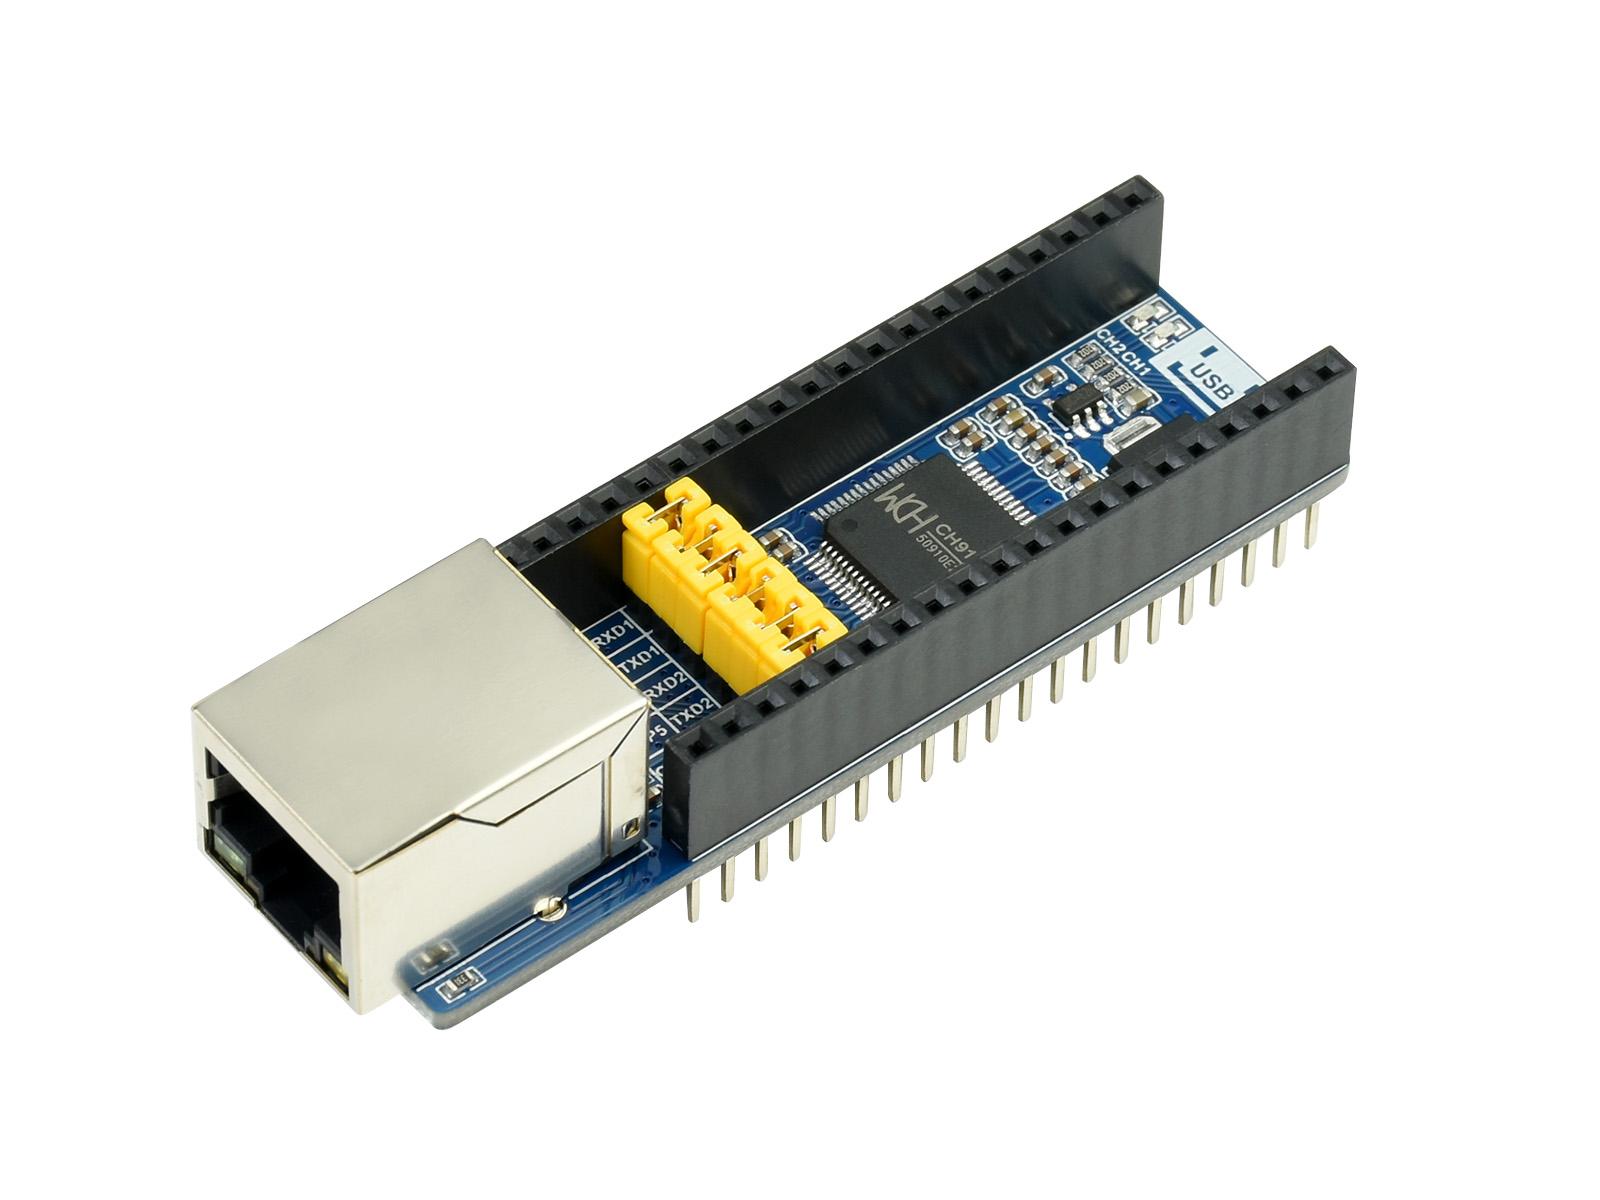 树莓派 Pico 网络透传扩展板 10/100M网口 板载接口引脚